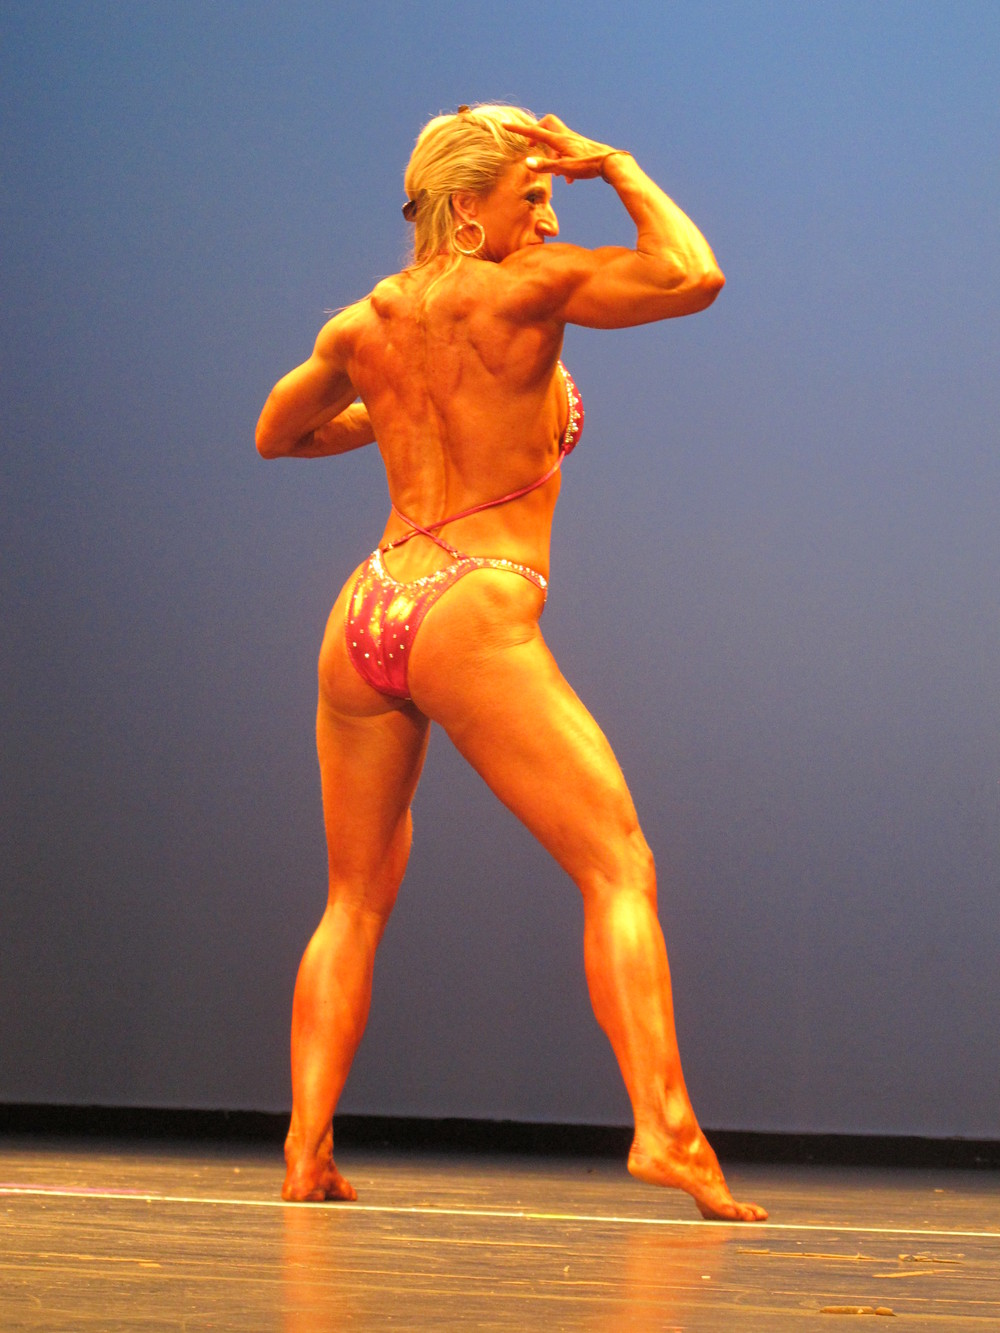 bodybuilding 132.jpg